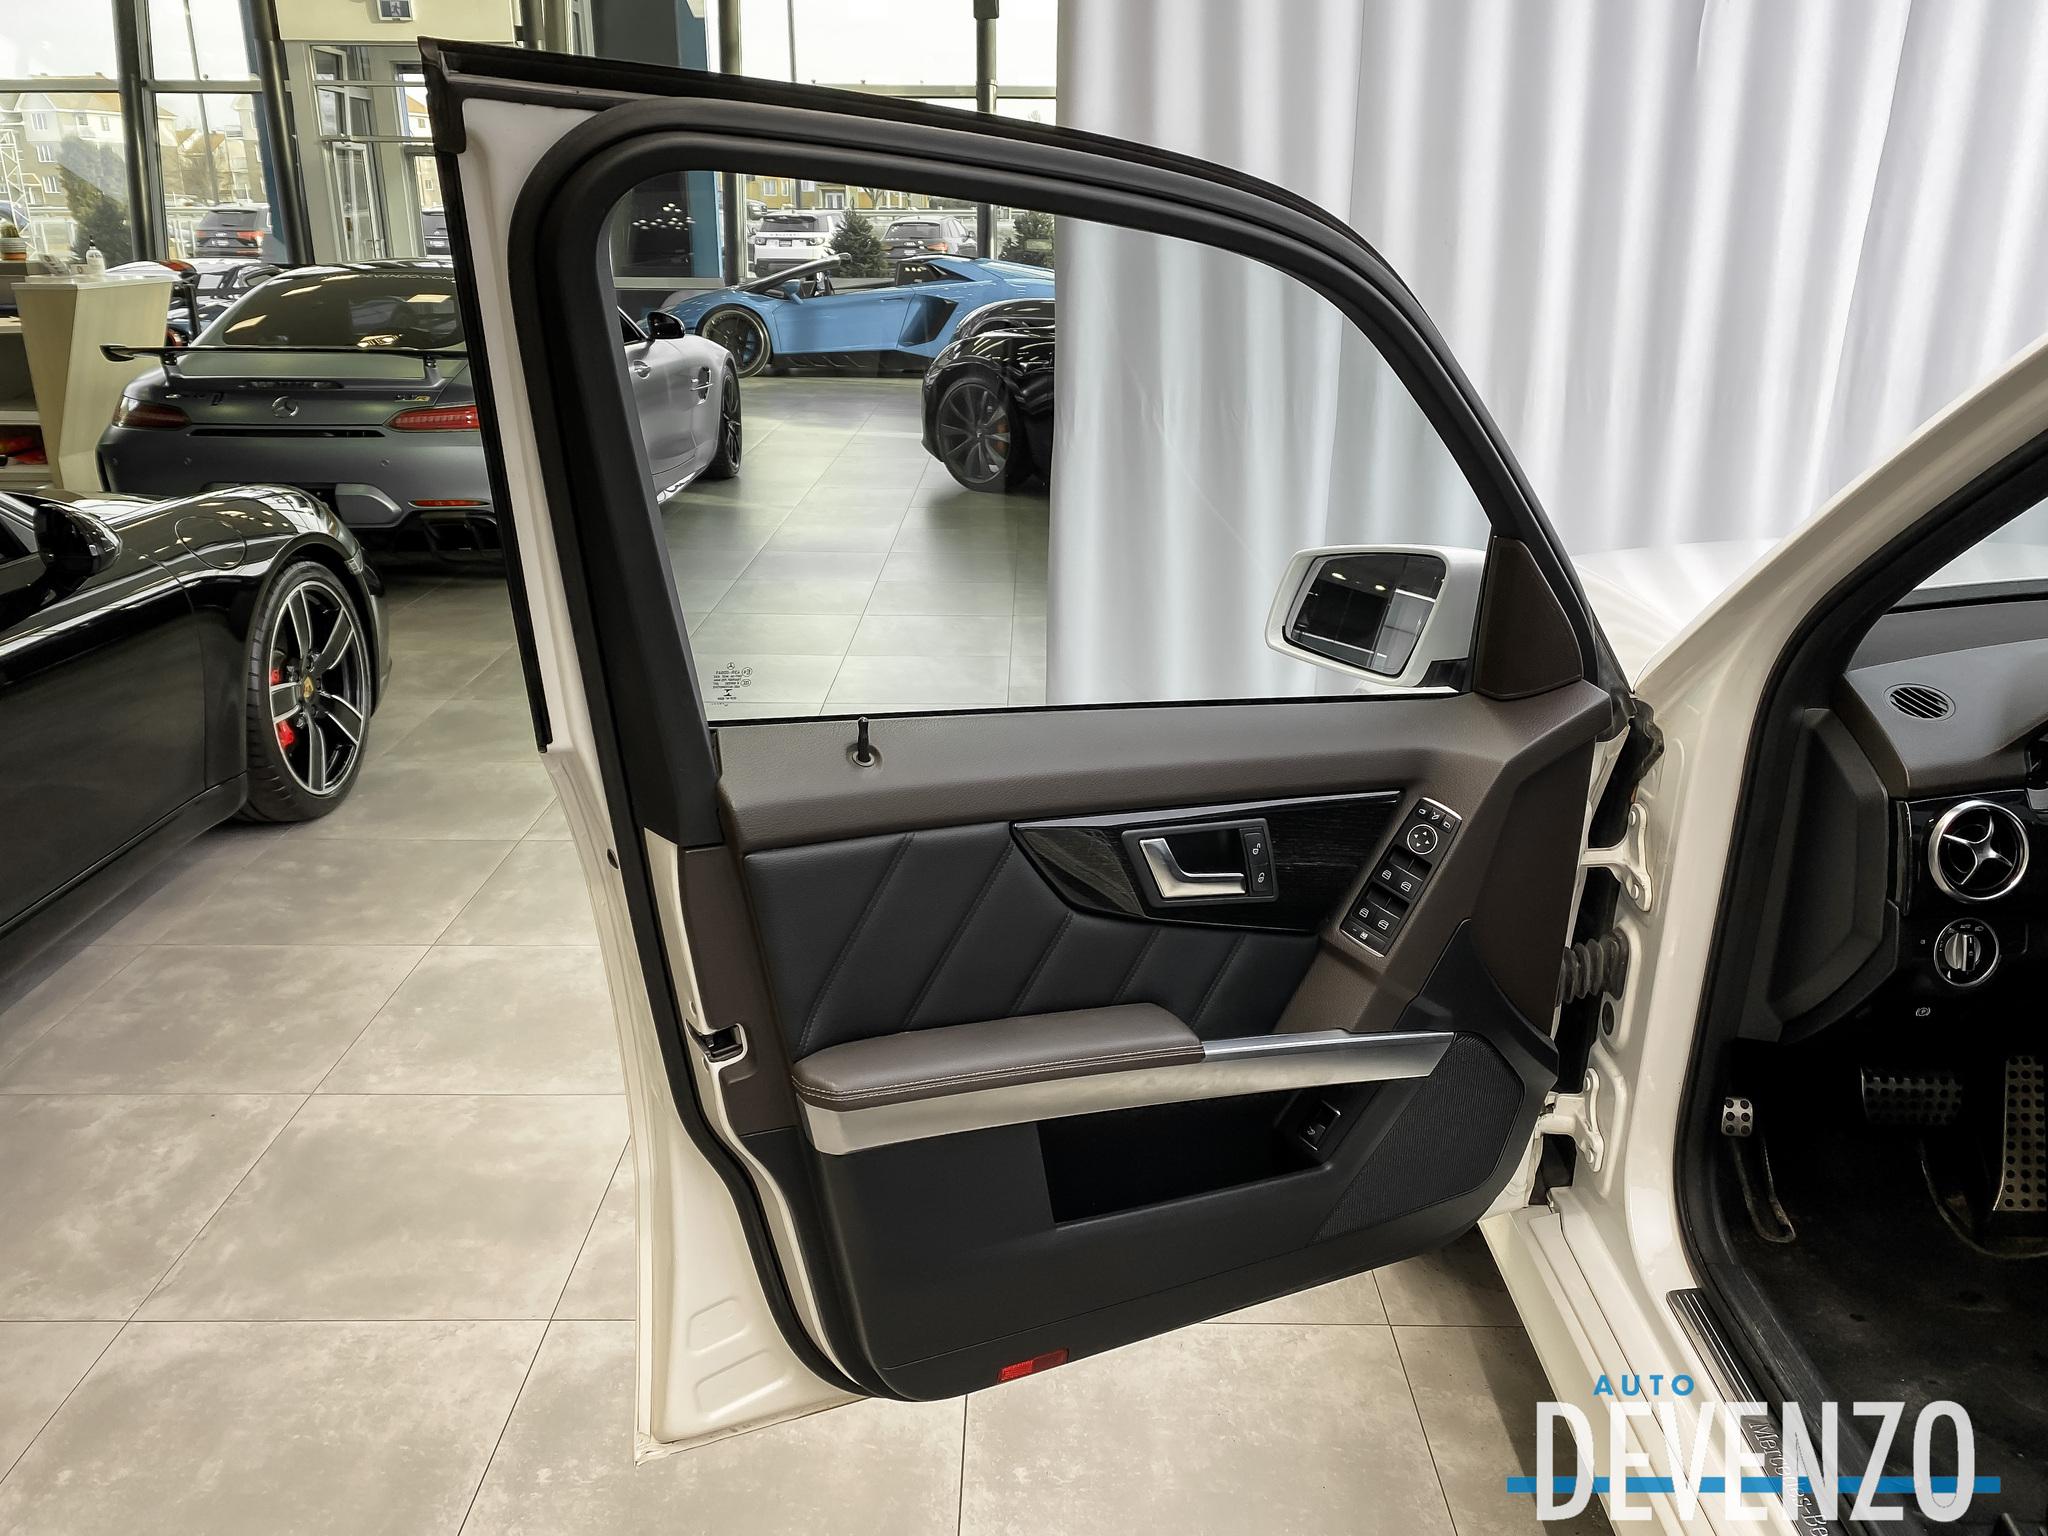 2015 Mercedes-Benz GLK-Class 4MATIC GLK250 BlueTec AVANTGARDE EDITION complet